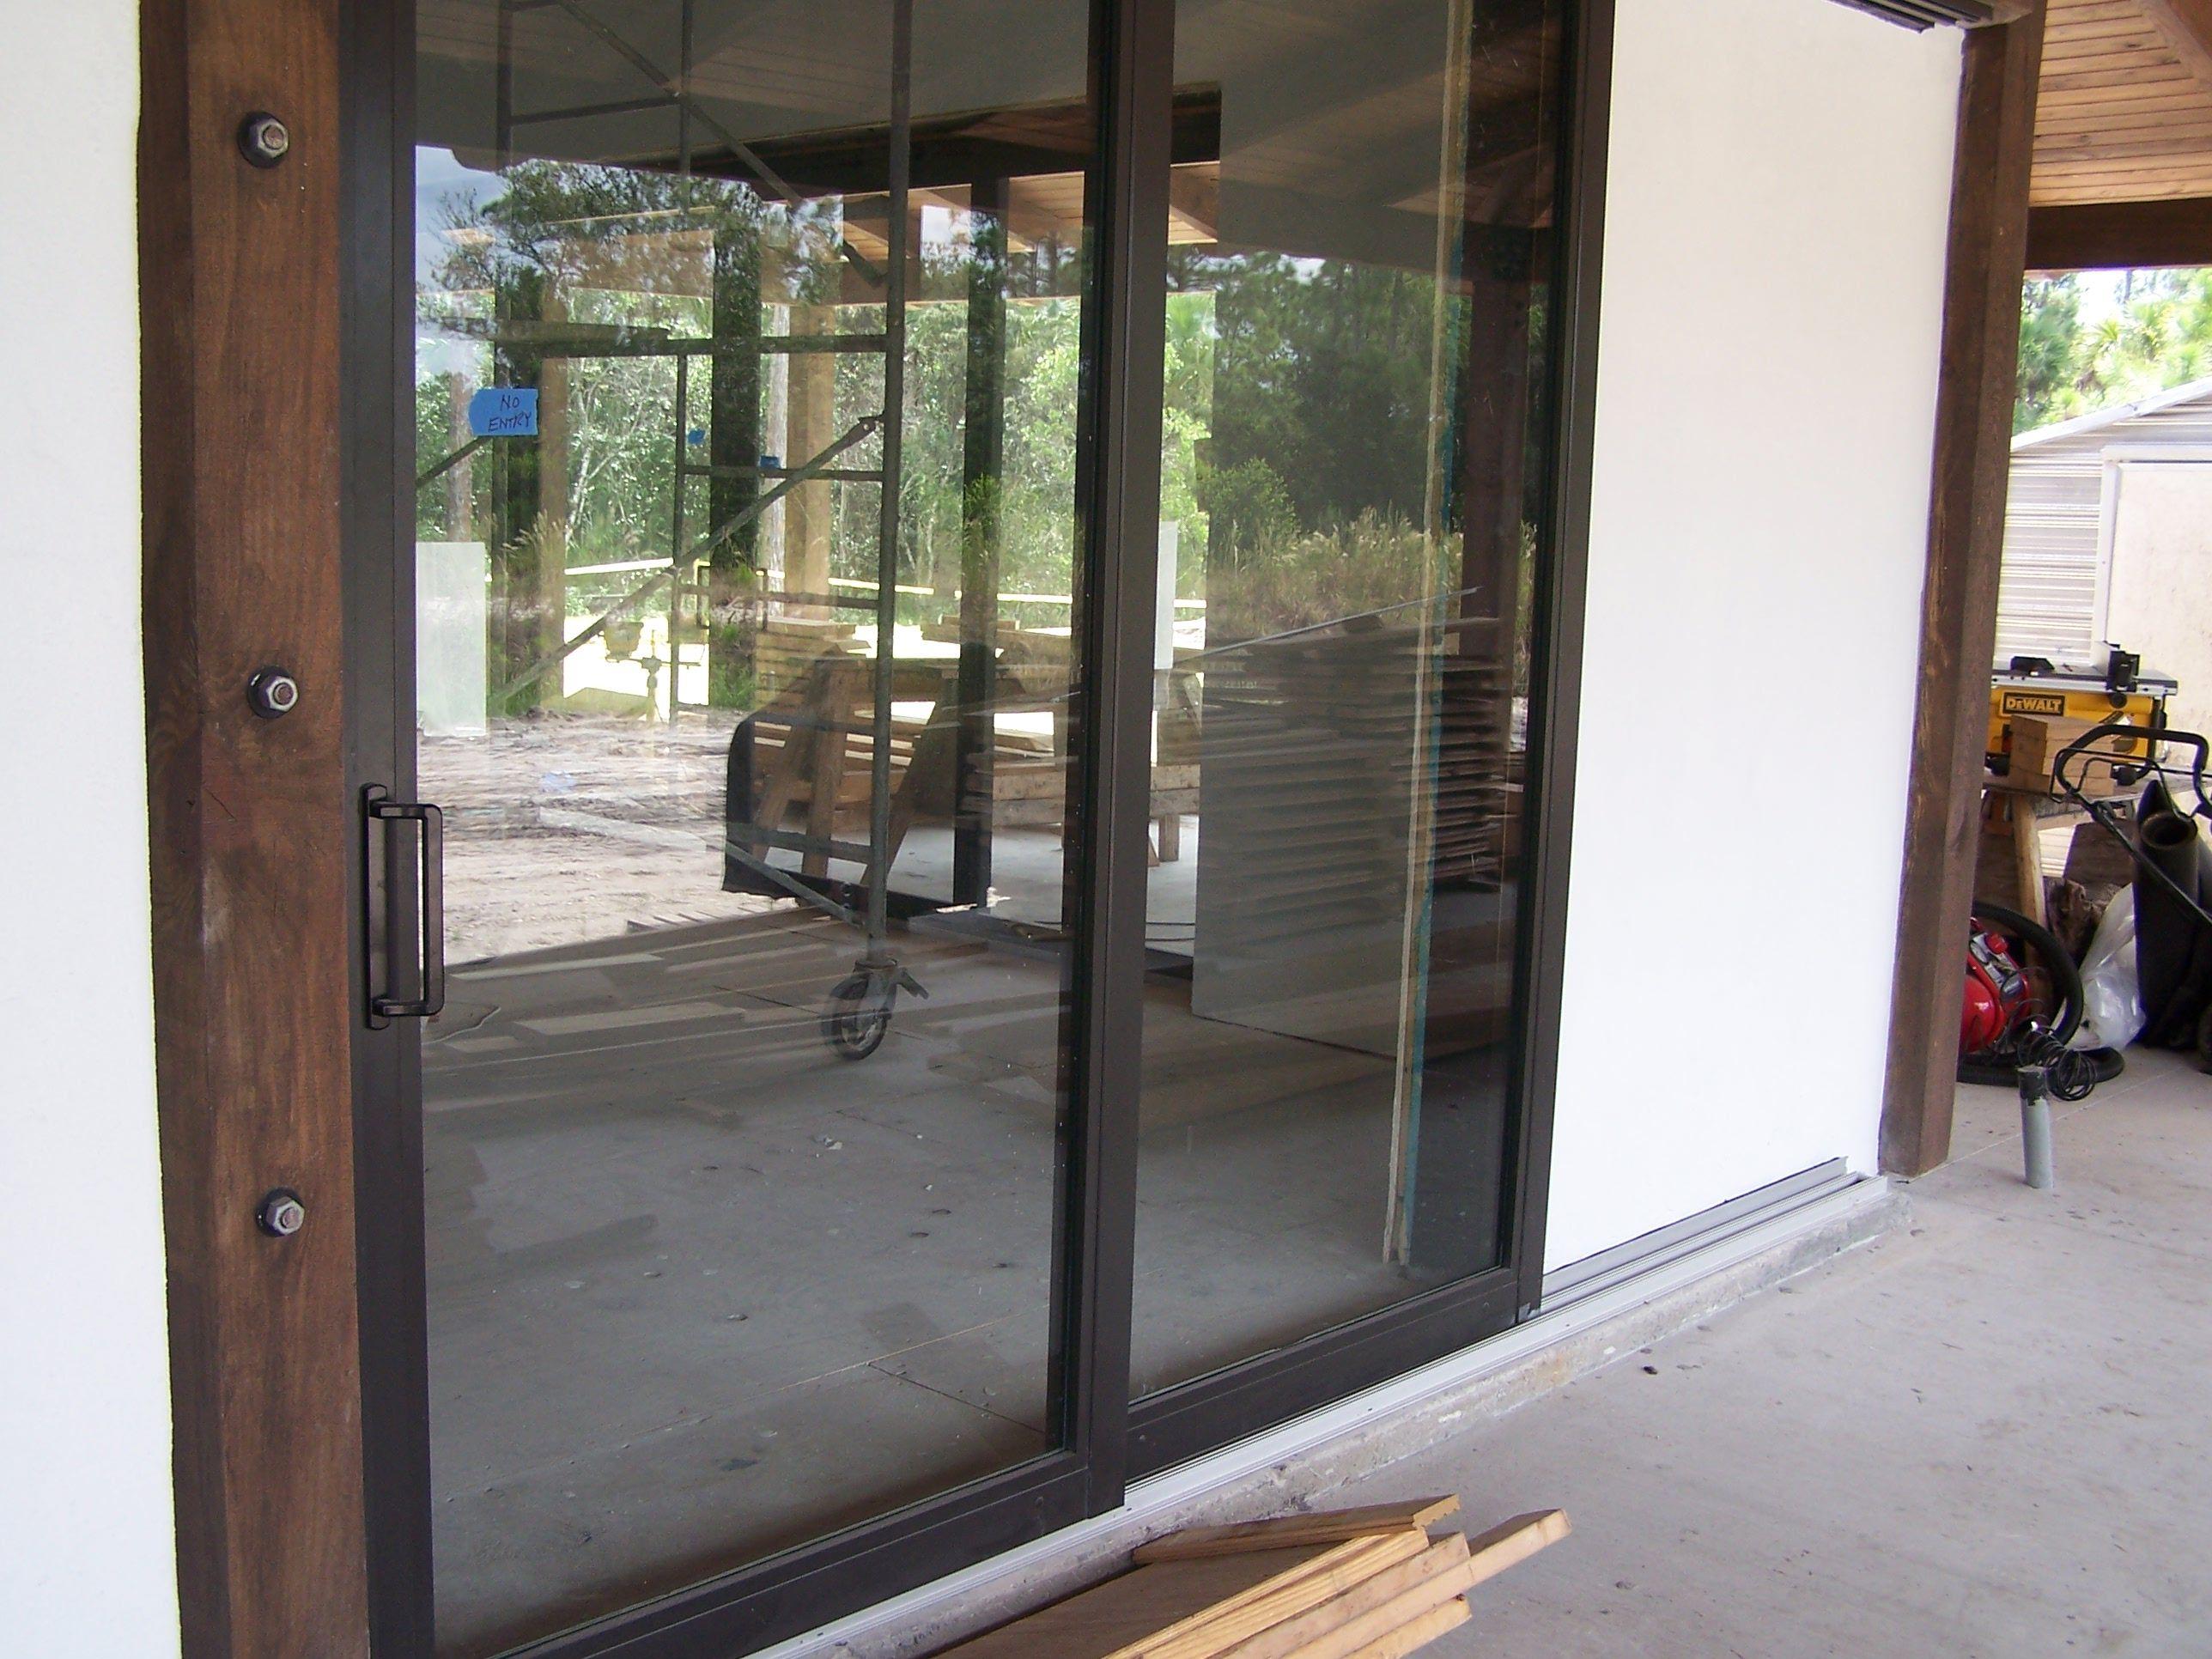 Pgt 770 sliding glass doors window photos pinterest for 10 foot sliding patio door